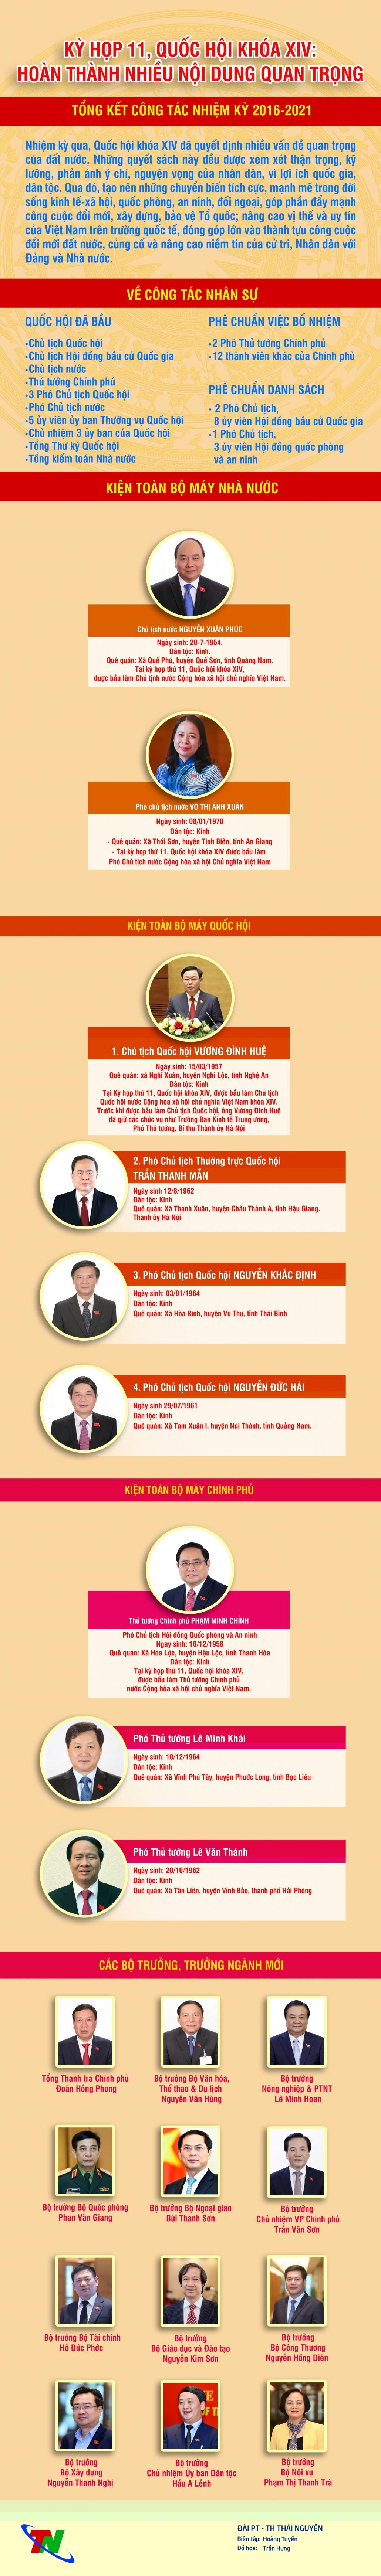 [Infographics] Kỳ họp thứ 11 Quốc hội XIV ((Diễn ra từ ngày 24/3/2021 đến ngày 8/4/2021)